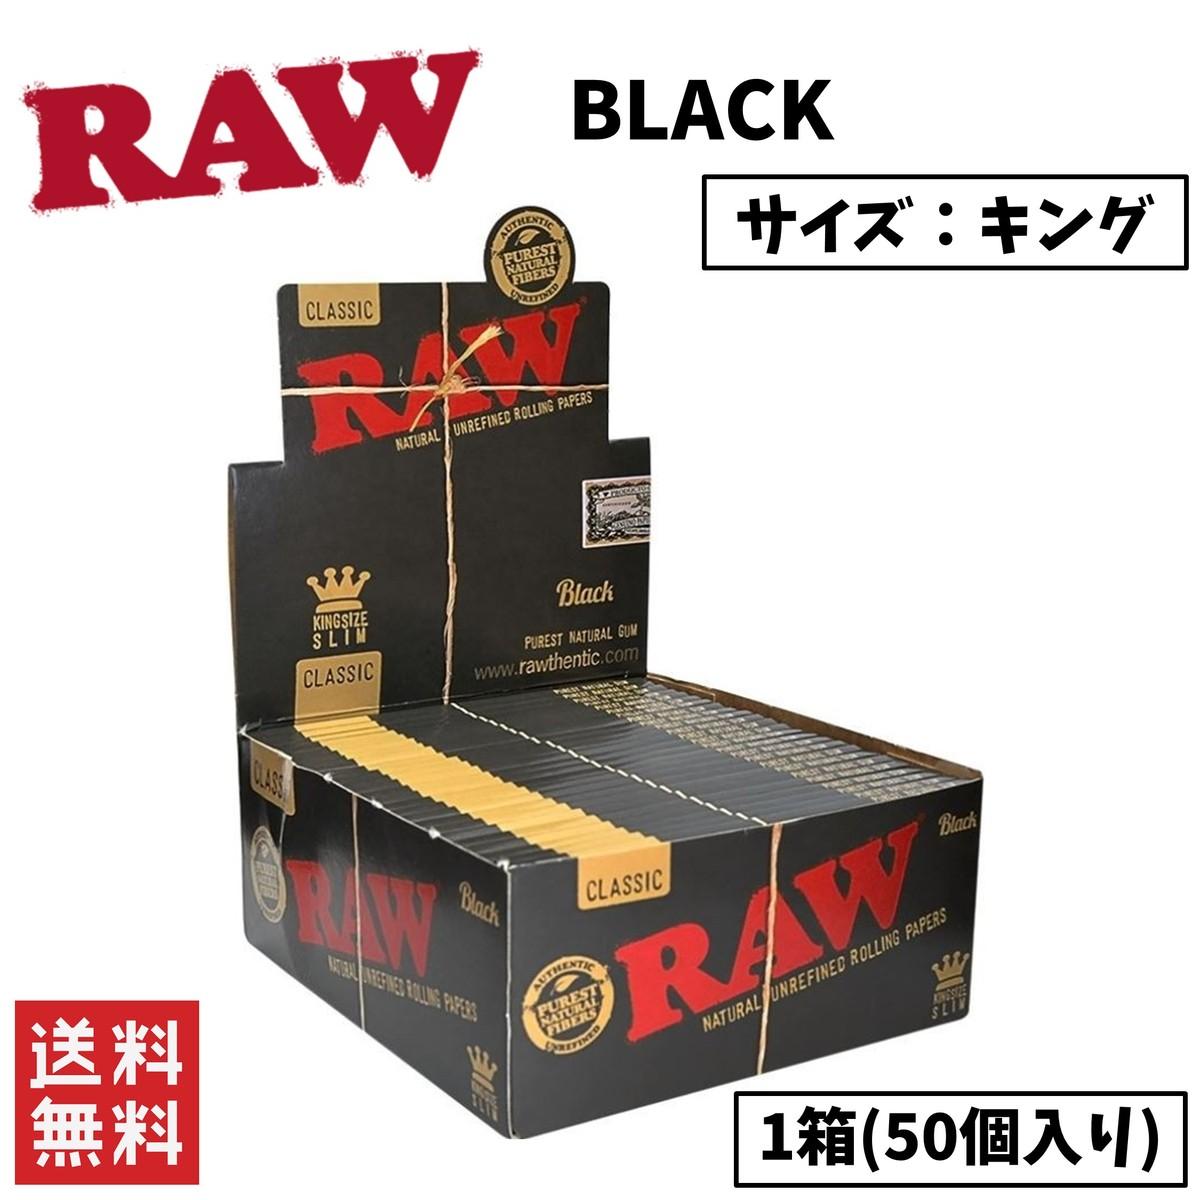 RAW 高級 ブラック ペーパー 安い キングサイズ 1箱 50個入り BLACK CLASSIC クラシック 手巻きたばこ 喫煙具